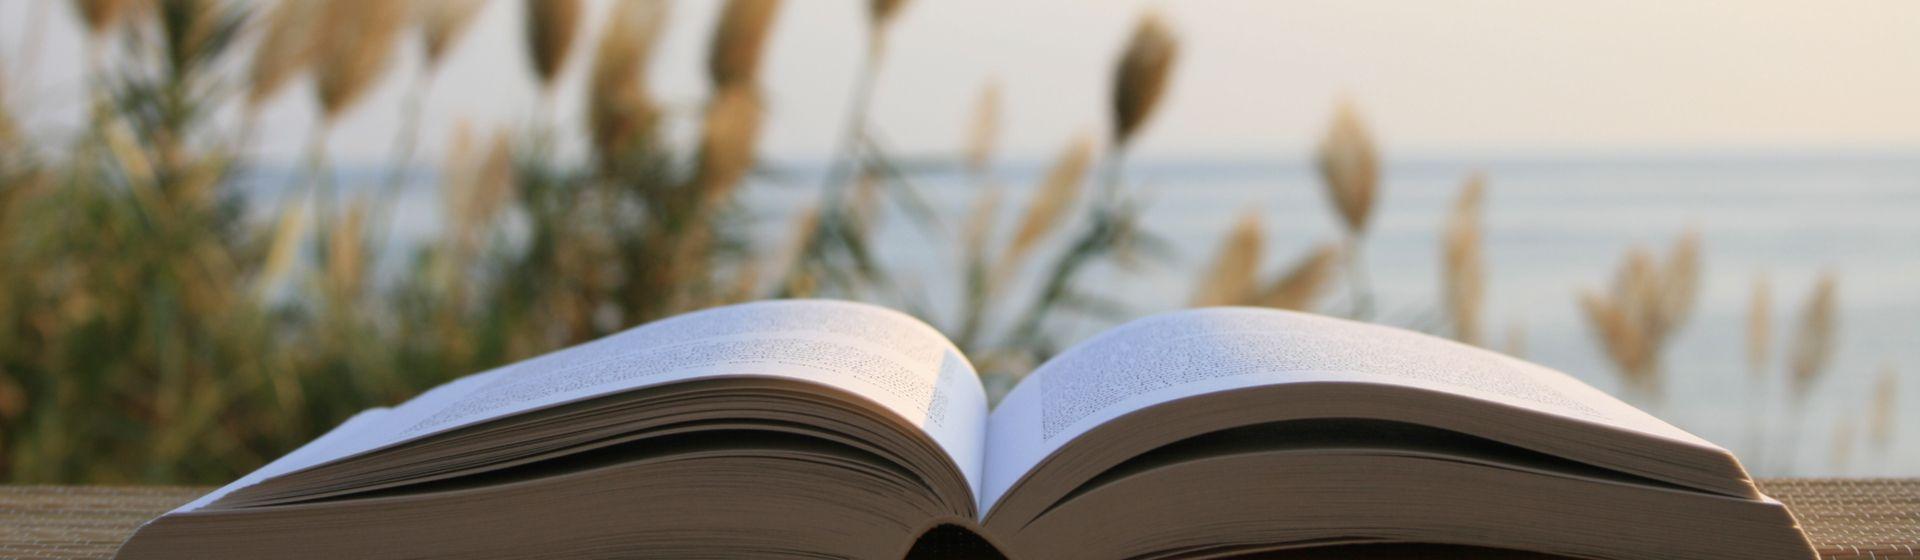 Os Melhores Livros Espíritas e Espiritualistas para ler em 2020